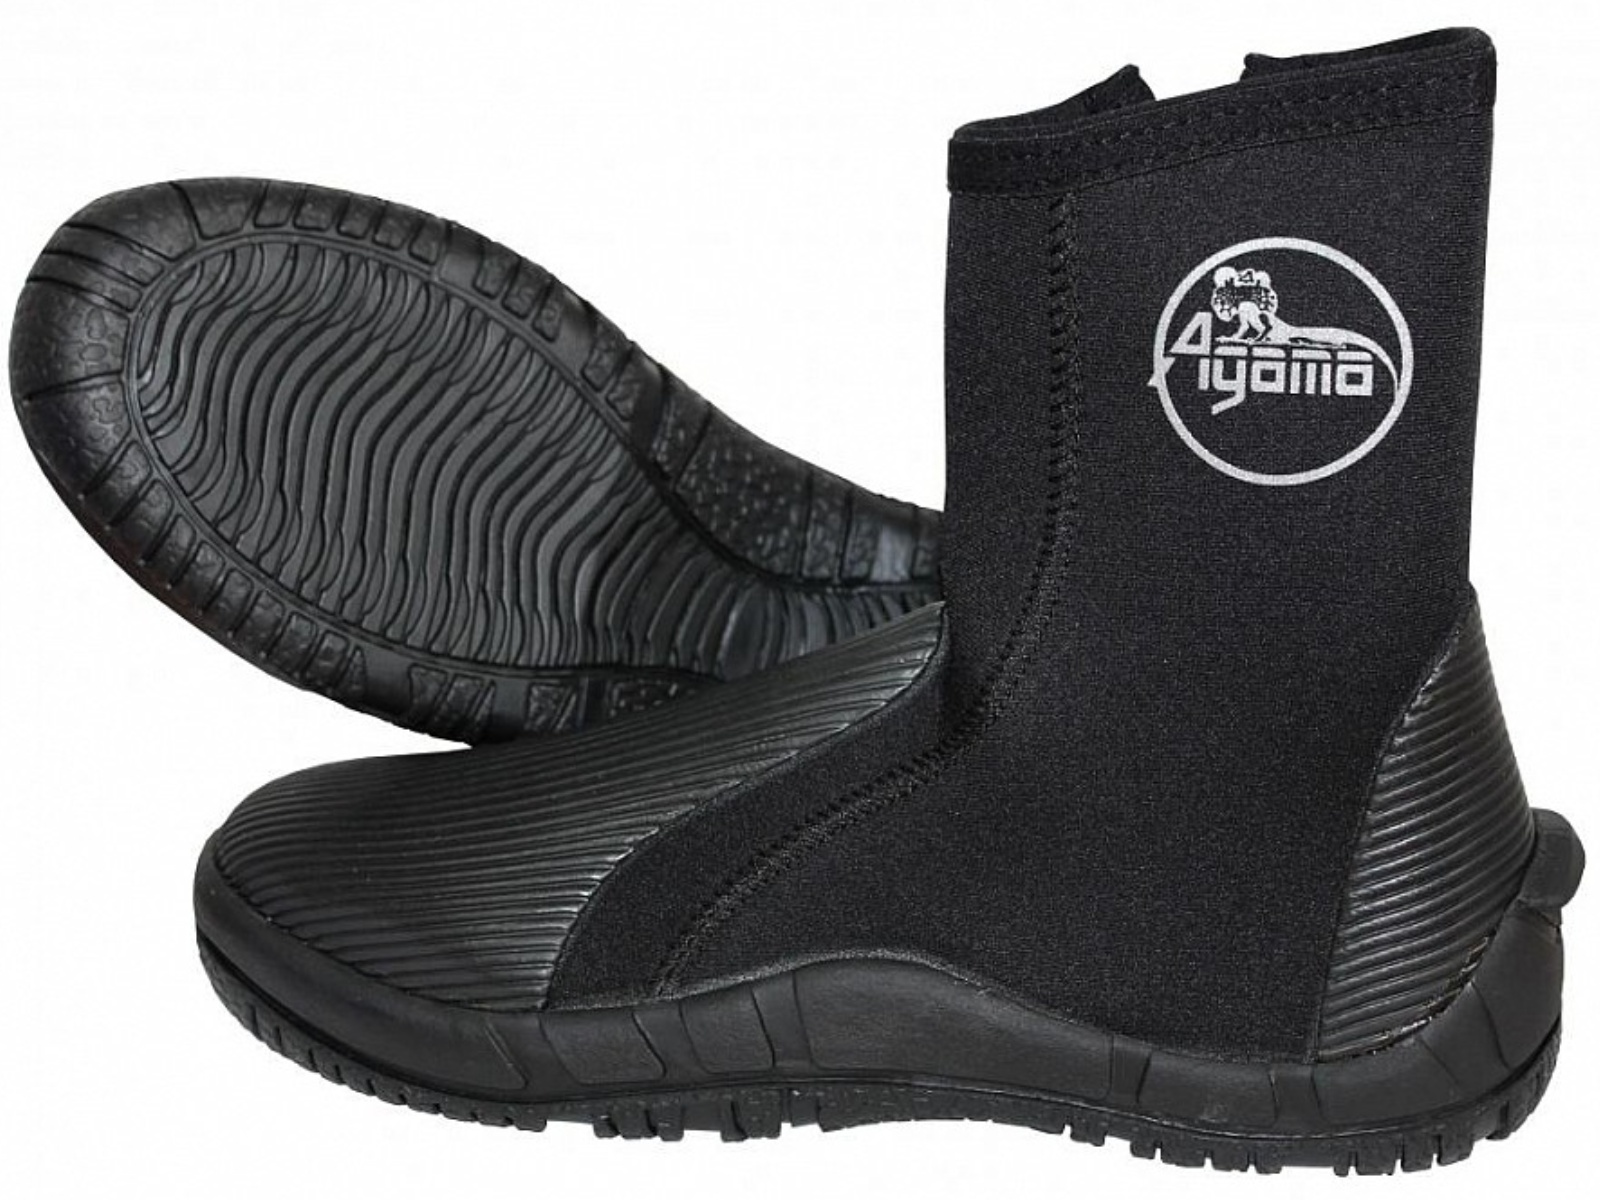 Neoprenové boty AGAMA Warcraft 5 mm - vel. 40-41